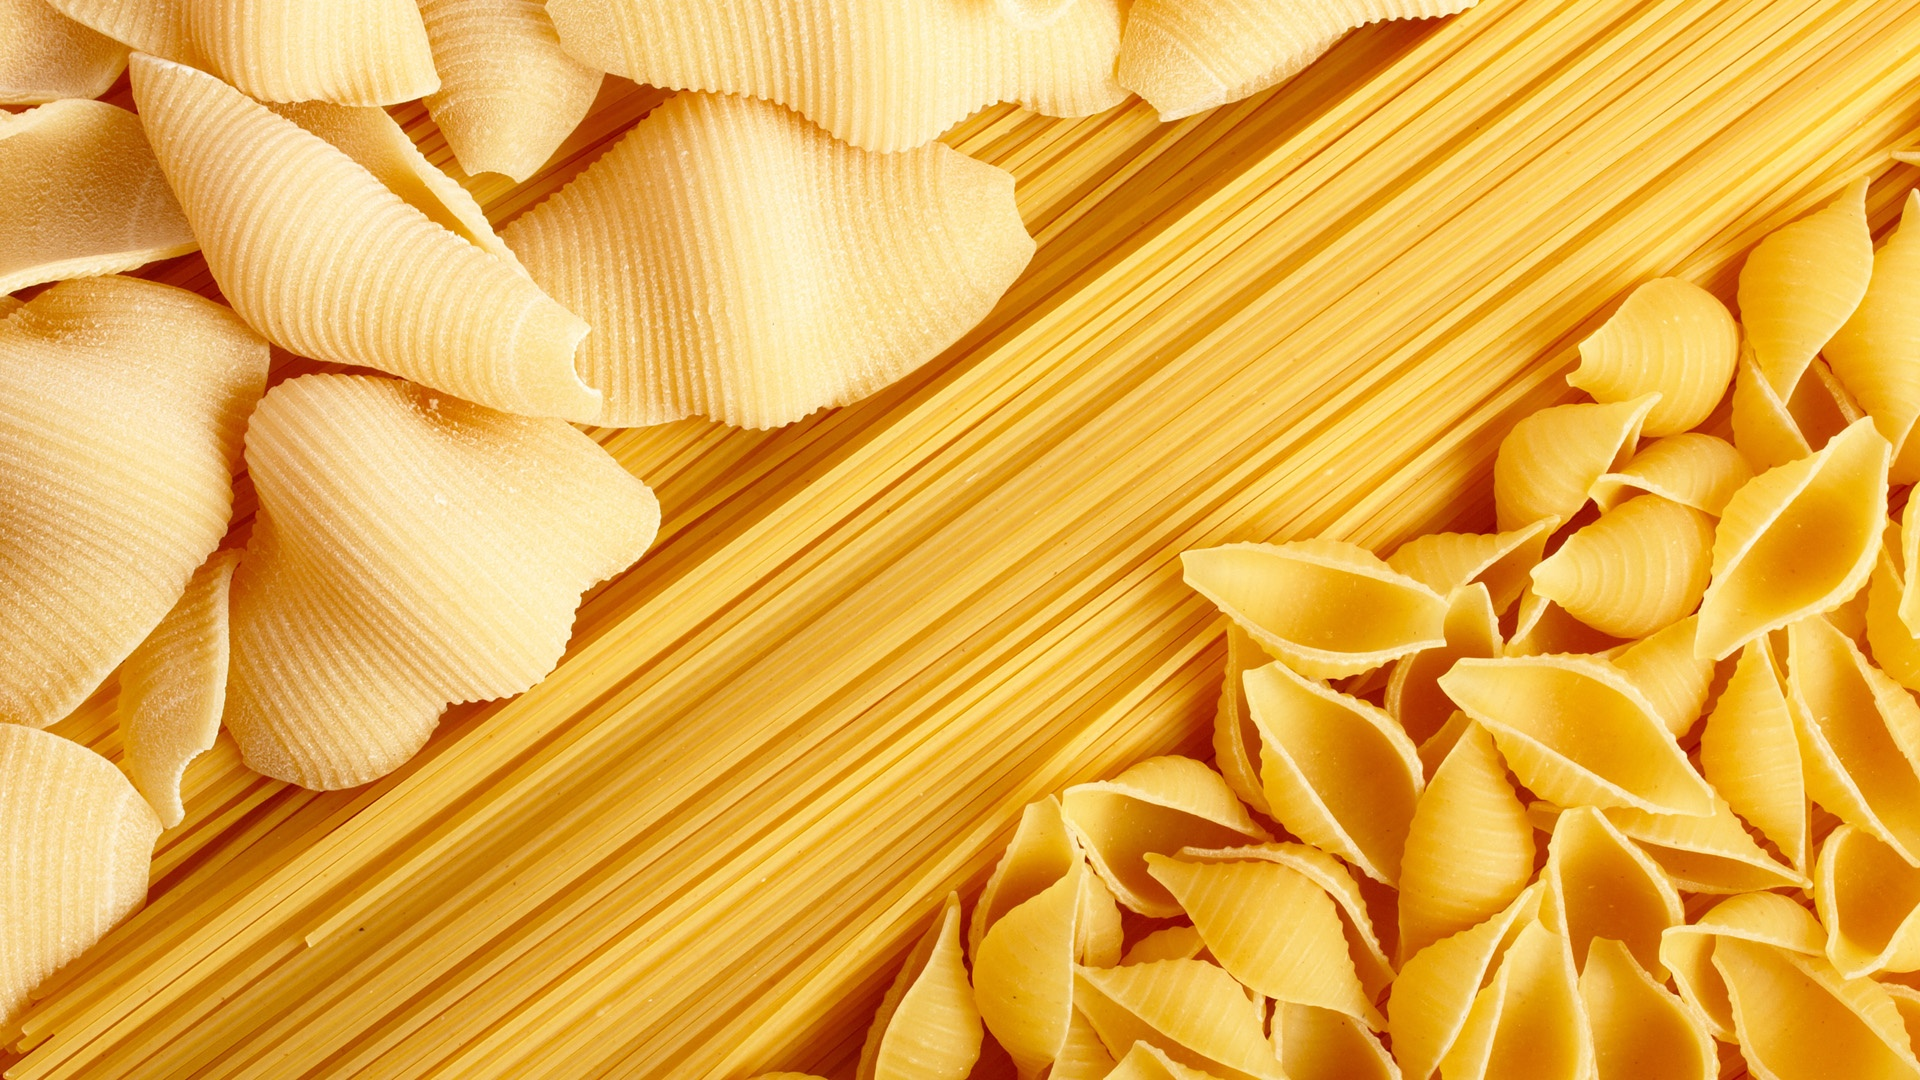 Spaghetti Wallpaper